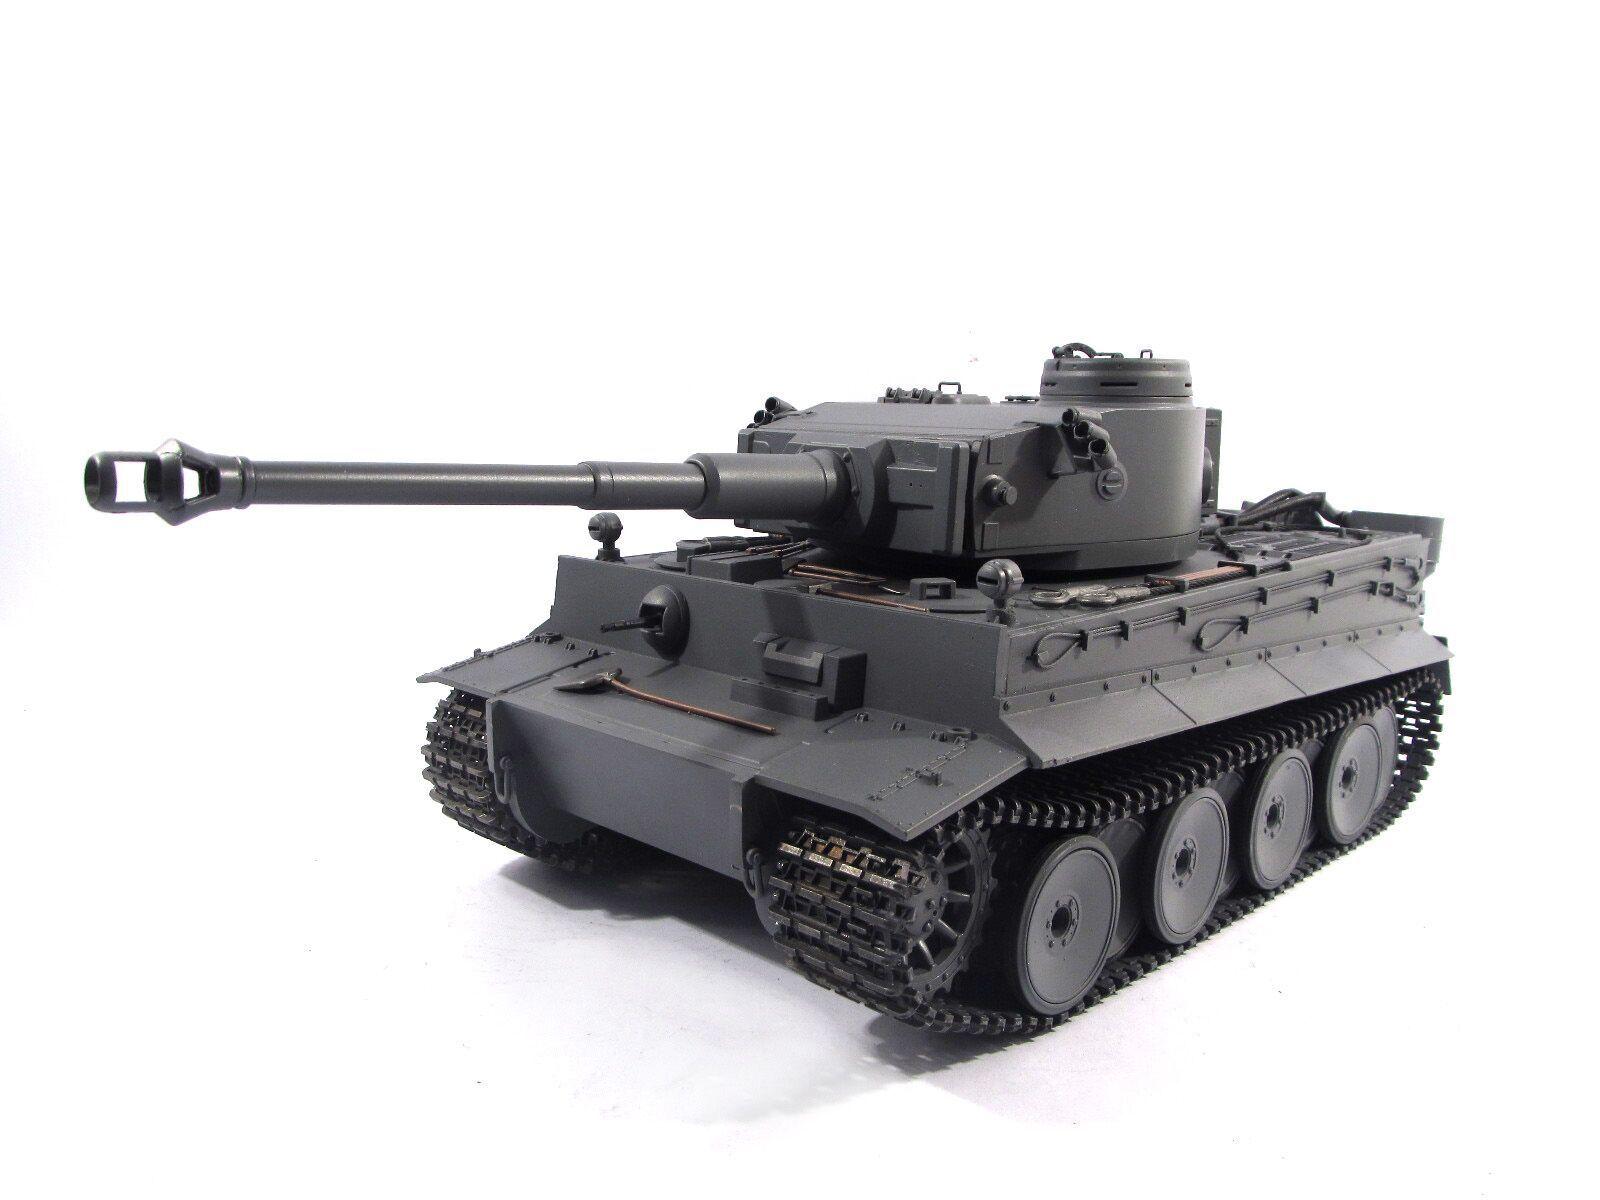 Completa de metal  Mato Tiger Tanque RC Infrarrojo RTR versión I Color Gris 1220